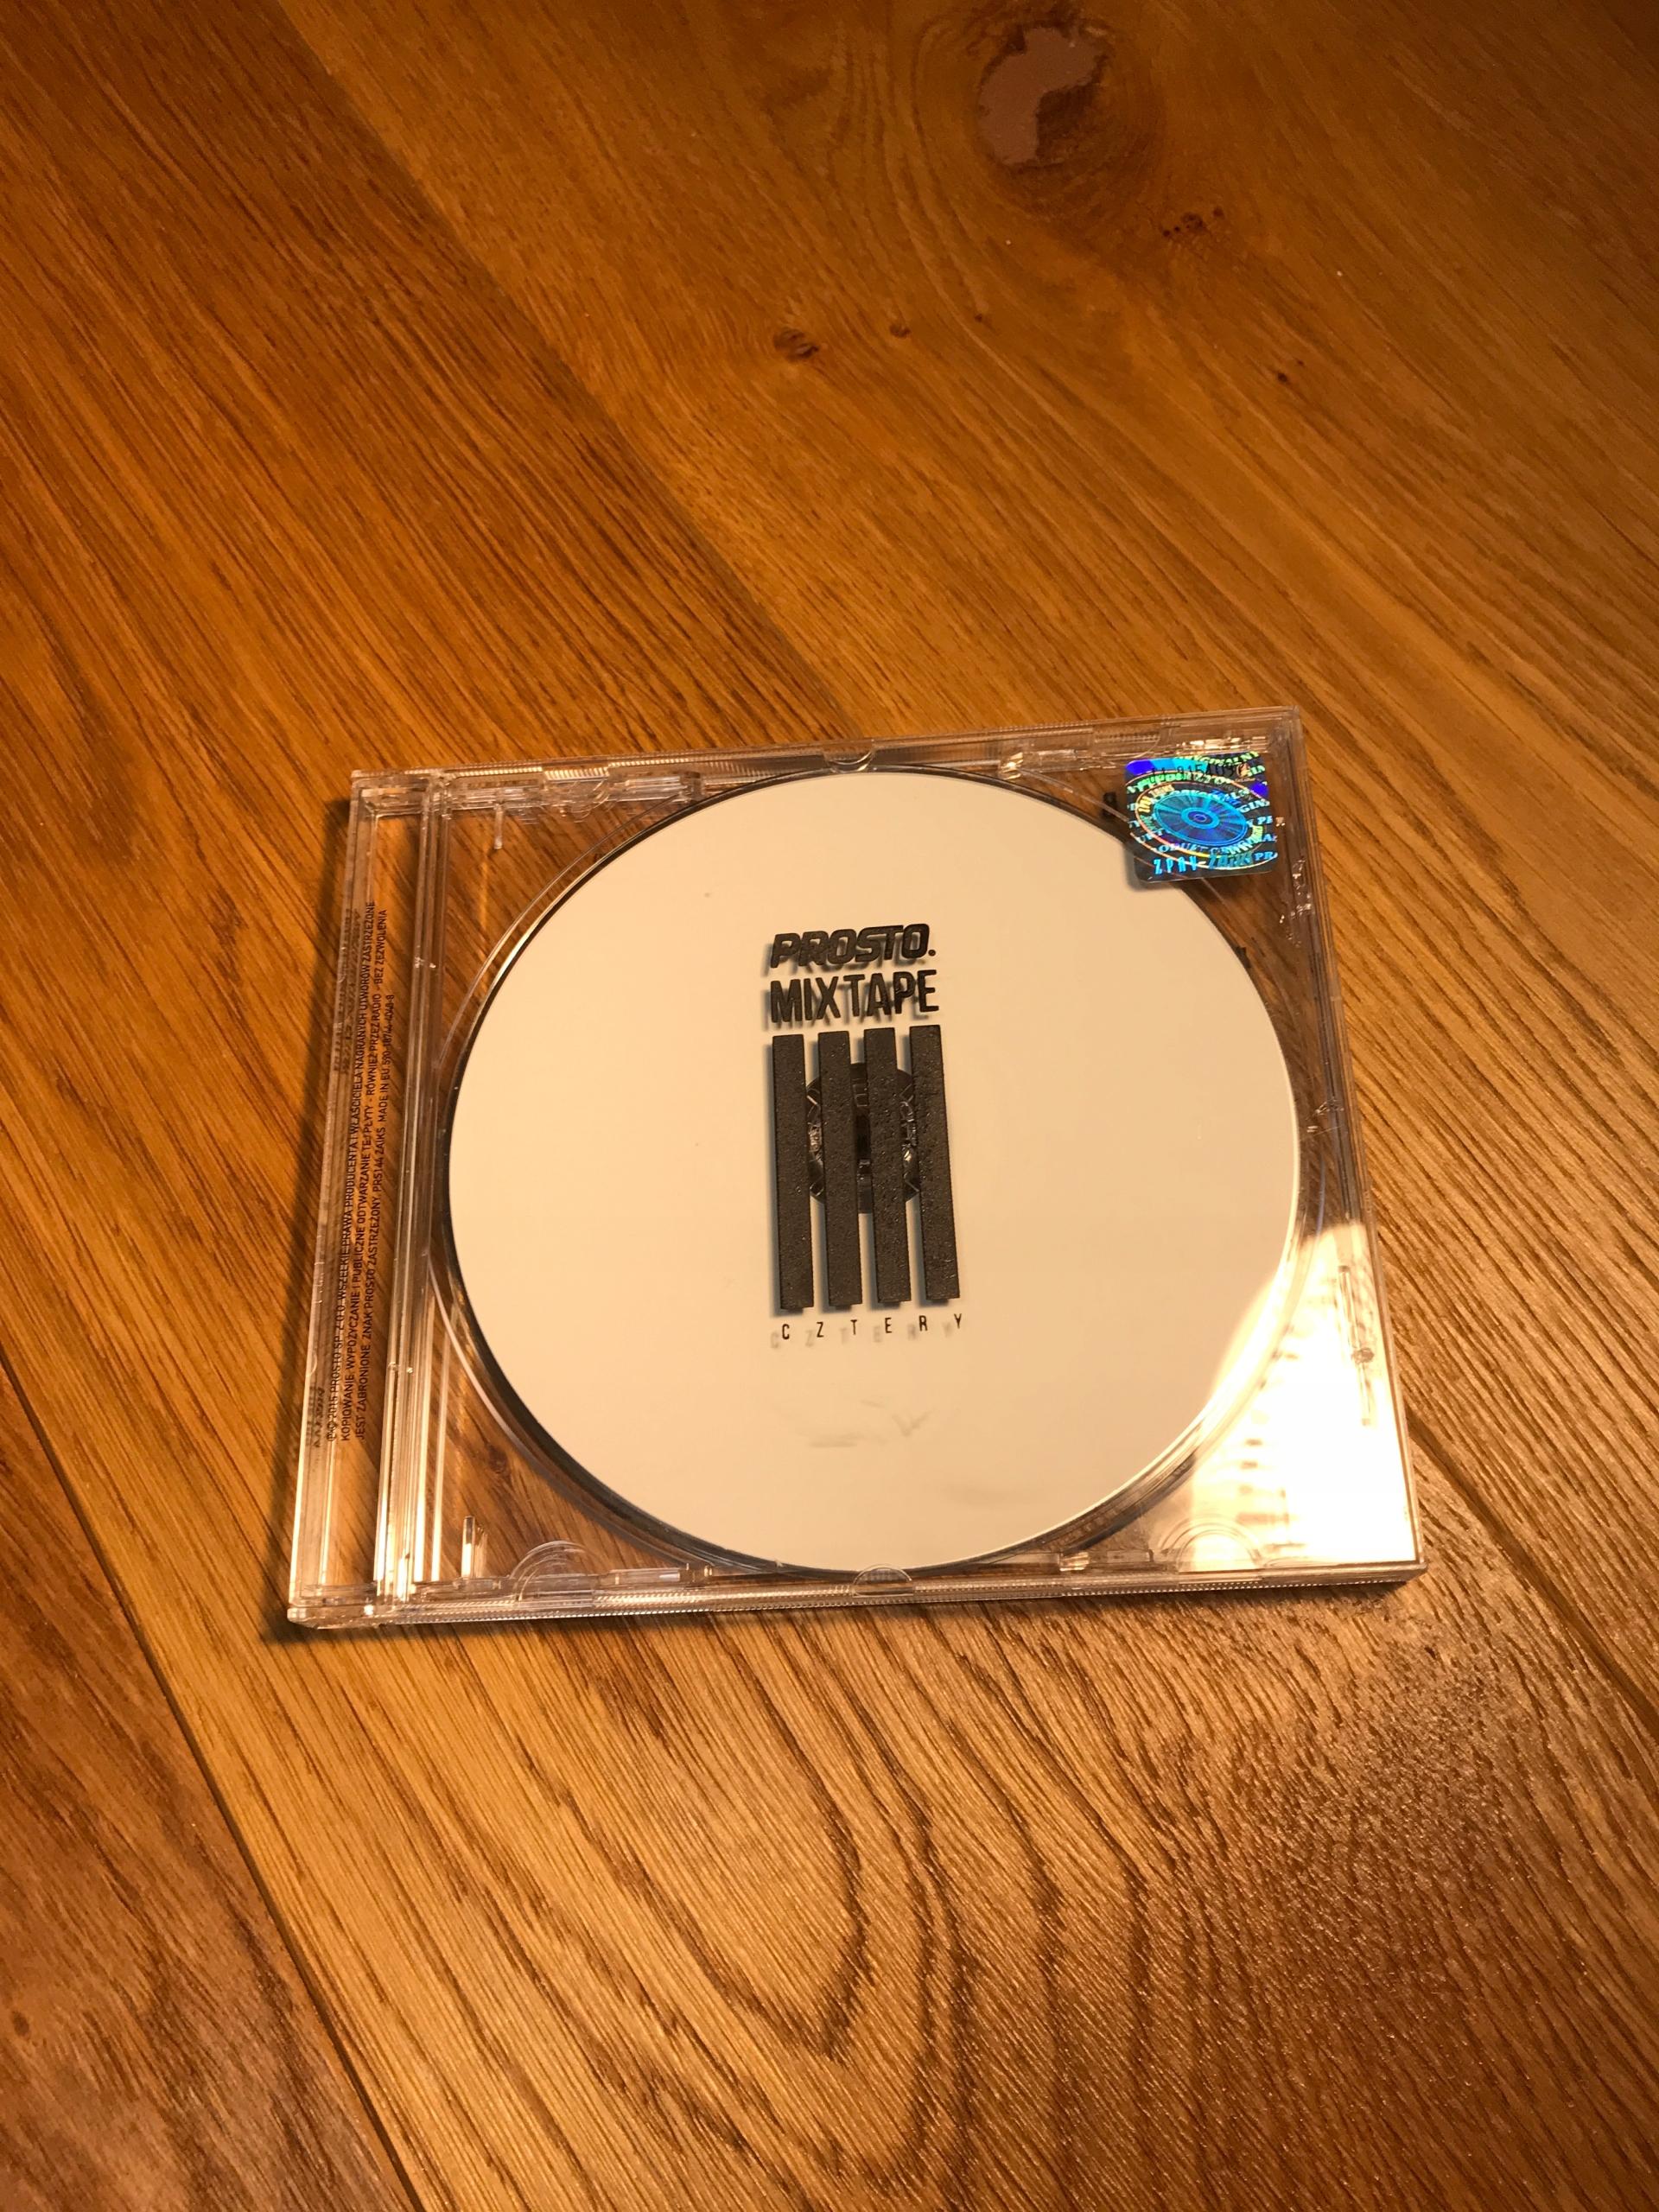 oficjalny sklep pierwsza stawka kup najlepiej Płyta CD PROSTO MIXTAPE CZTERY RAP HIP-HOP SOKÓŁ